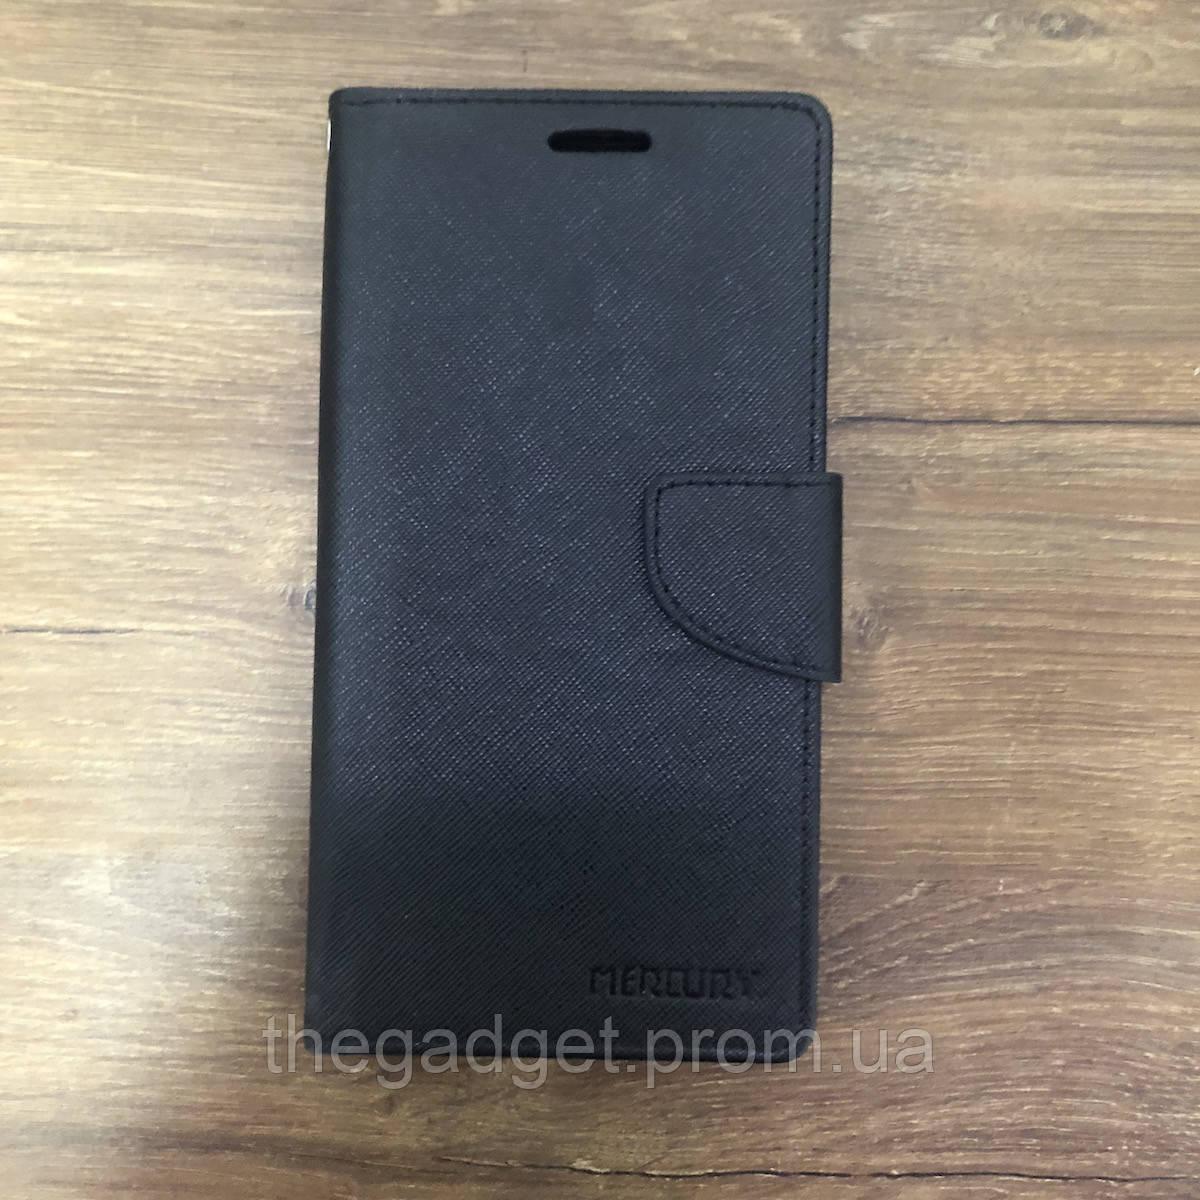 Чехол Книжка Goospery Samsung G350 черный